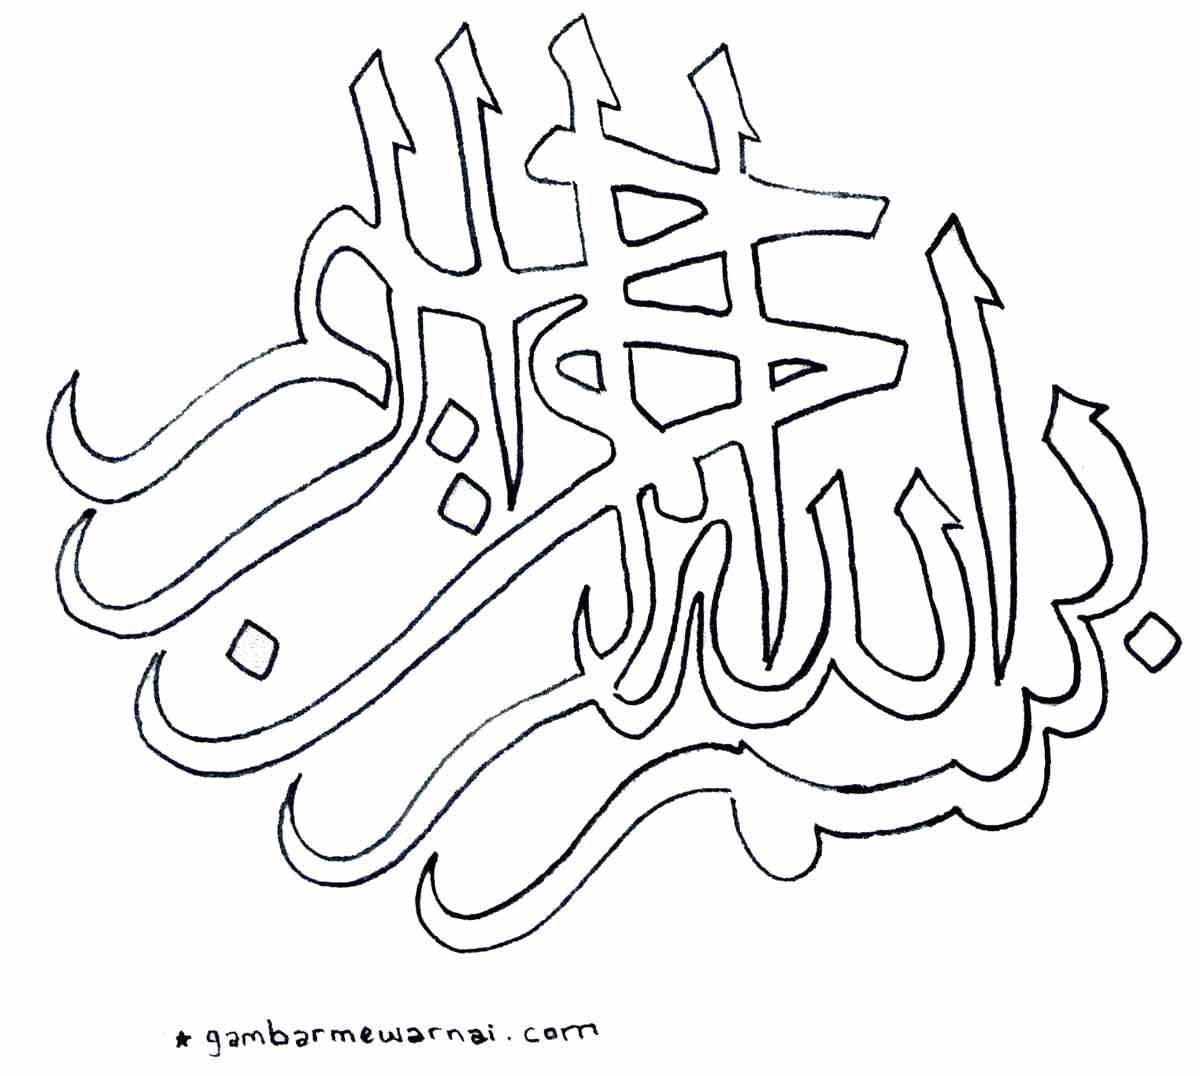 mewarnai kaligrafi bismillah gambar mewarnai kaligrafi